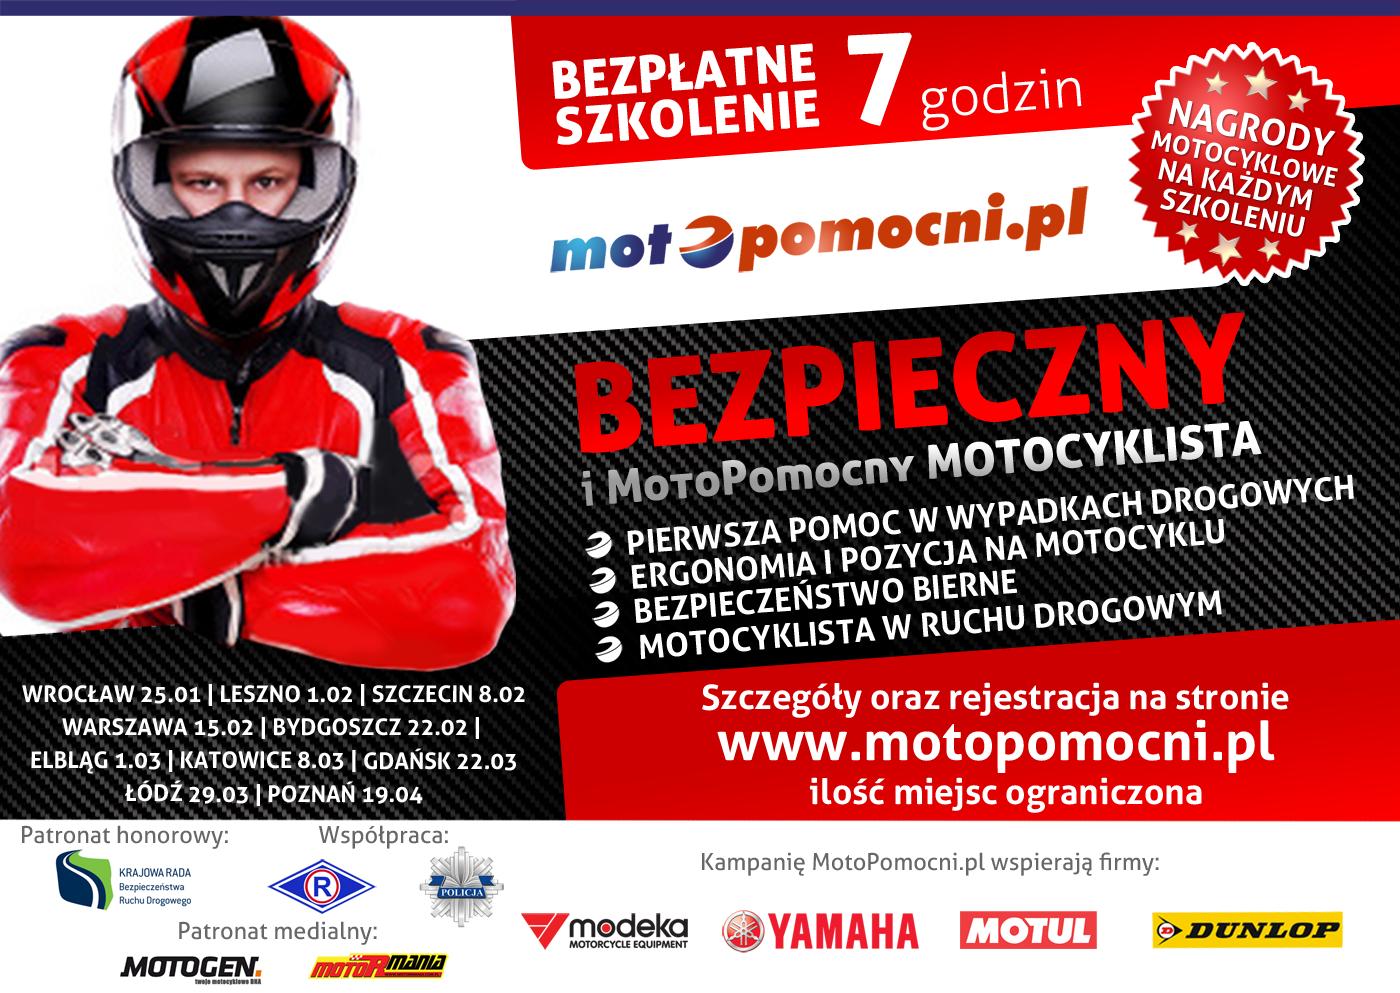 motopomocni_plakat_promo_szkolenia2015